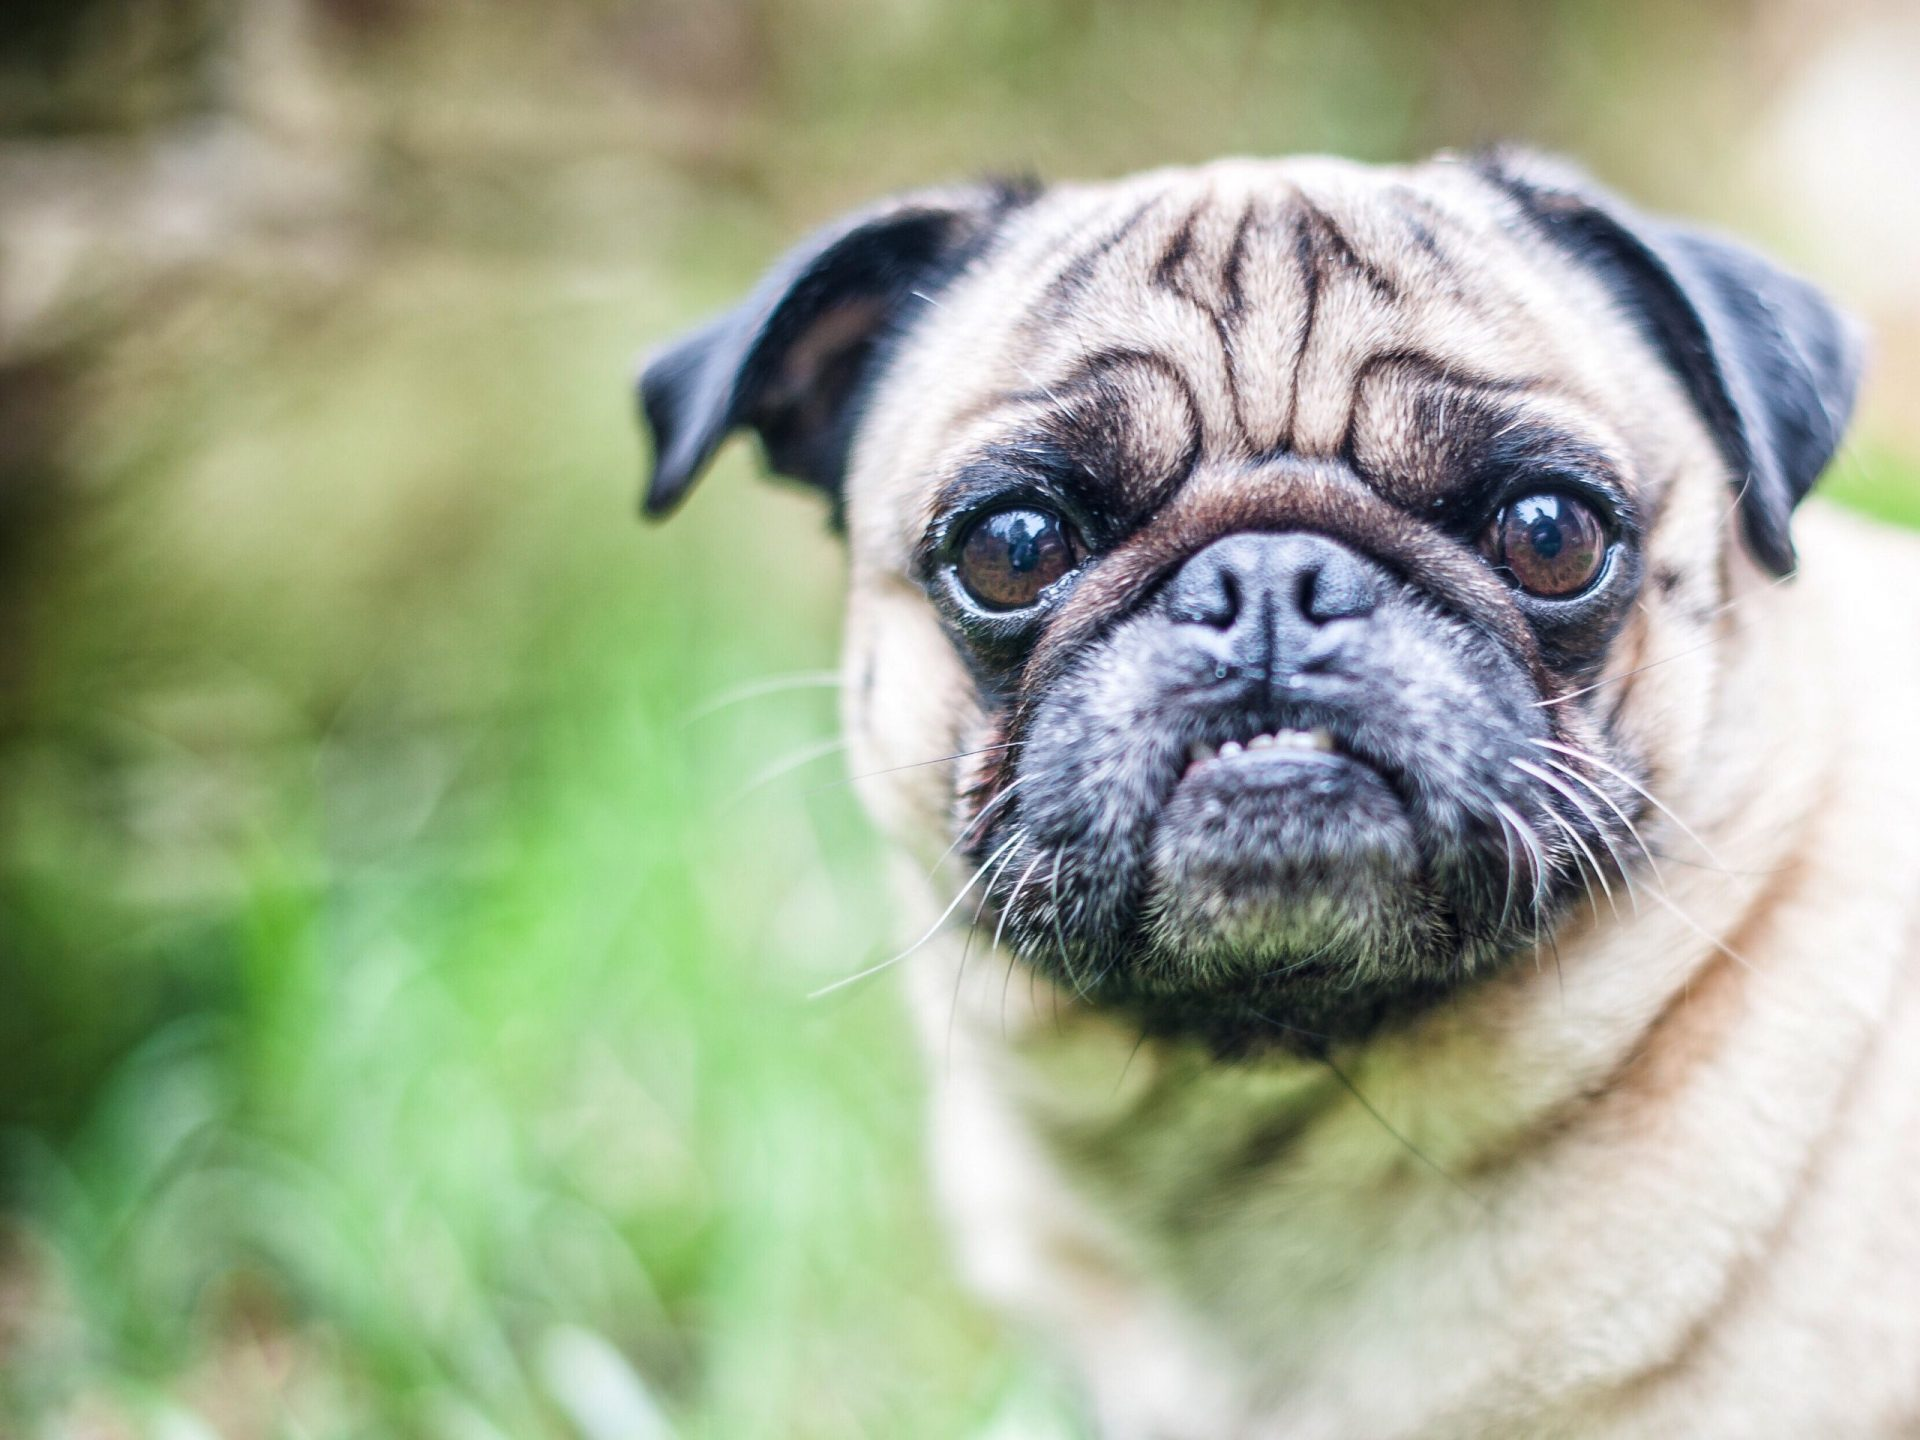 犬がユリを食べてしまった時の応急処置と対処法